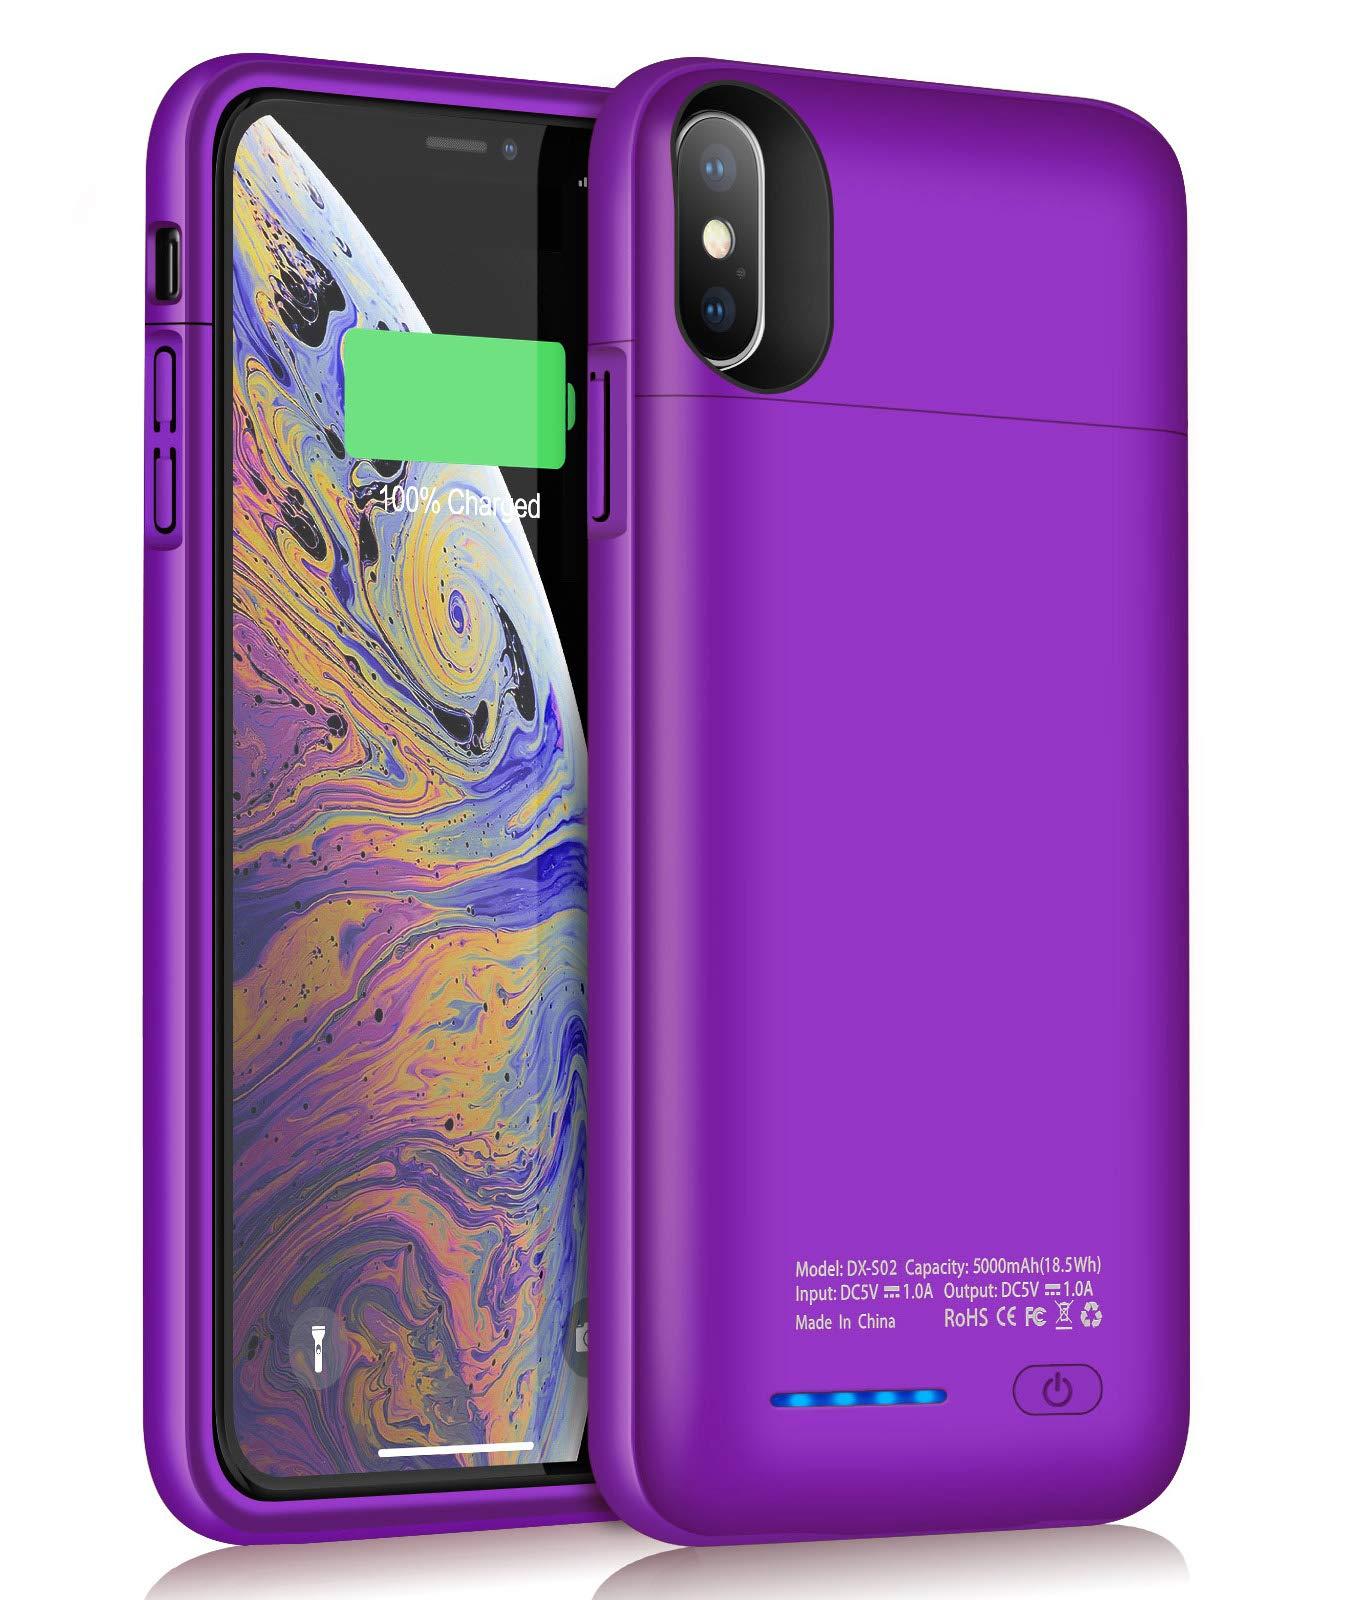 Funda Con Bateria de 5000mah para Apple Iphone Xs Max JUBOTY [7NWFFK3X]